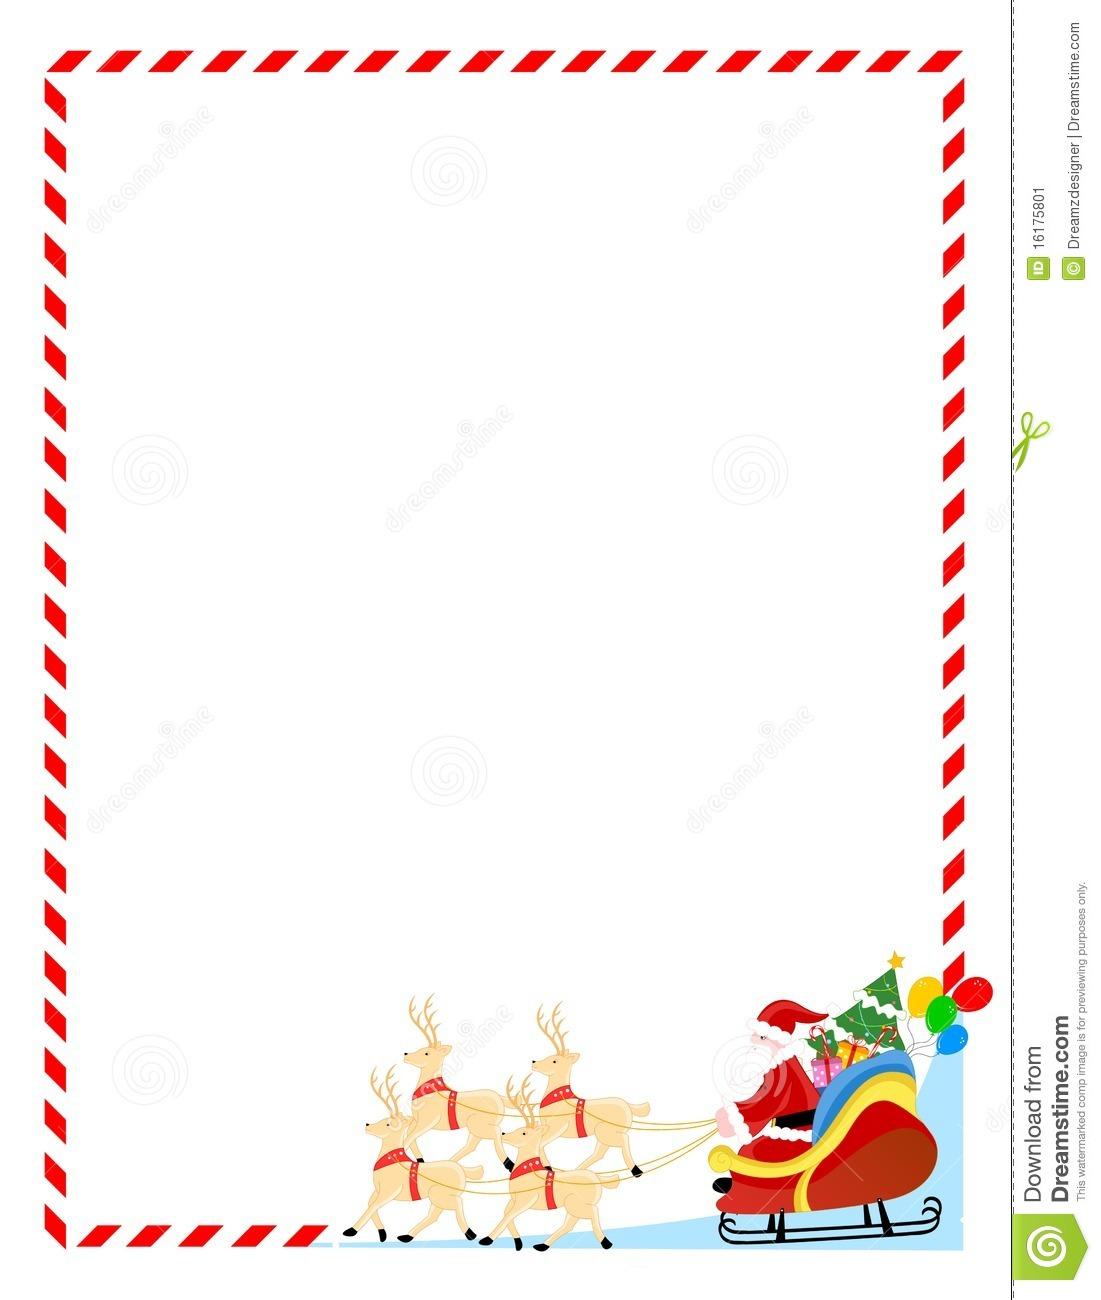 Christmas Letter Background Template - Santa Letter Borders Acurnamedia